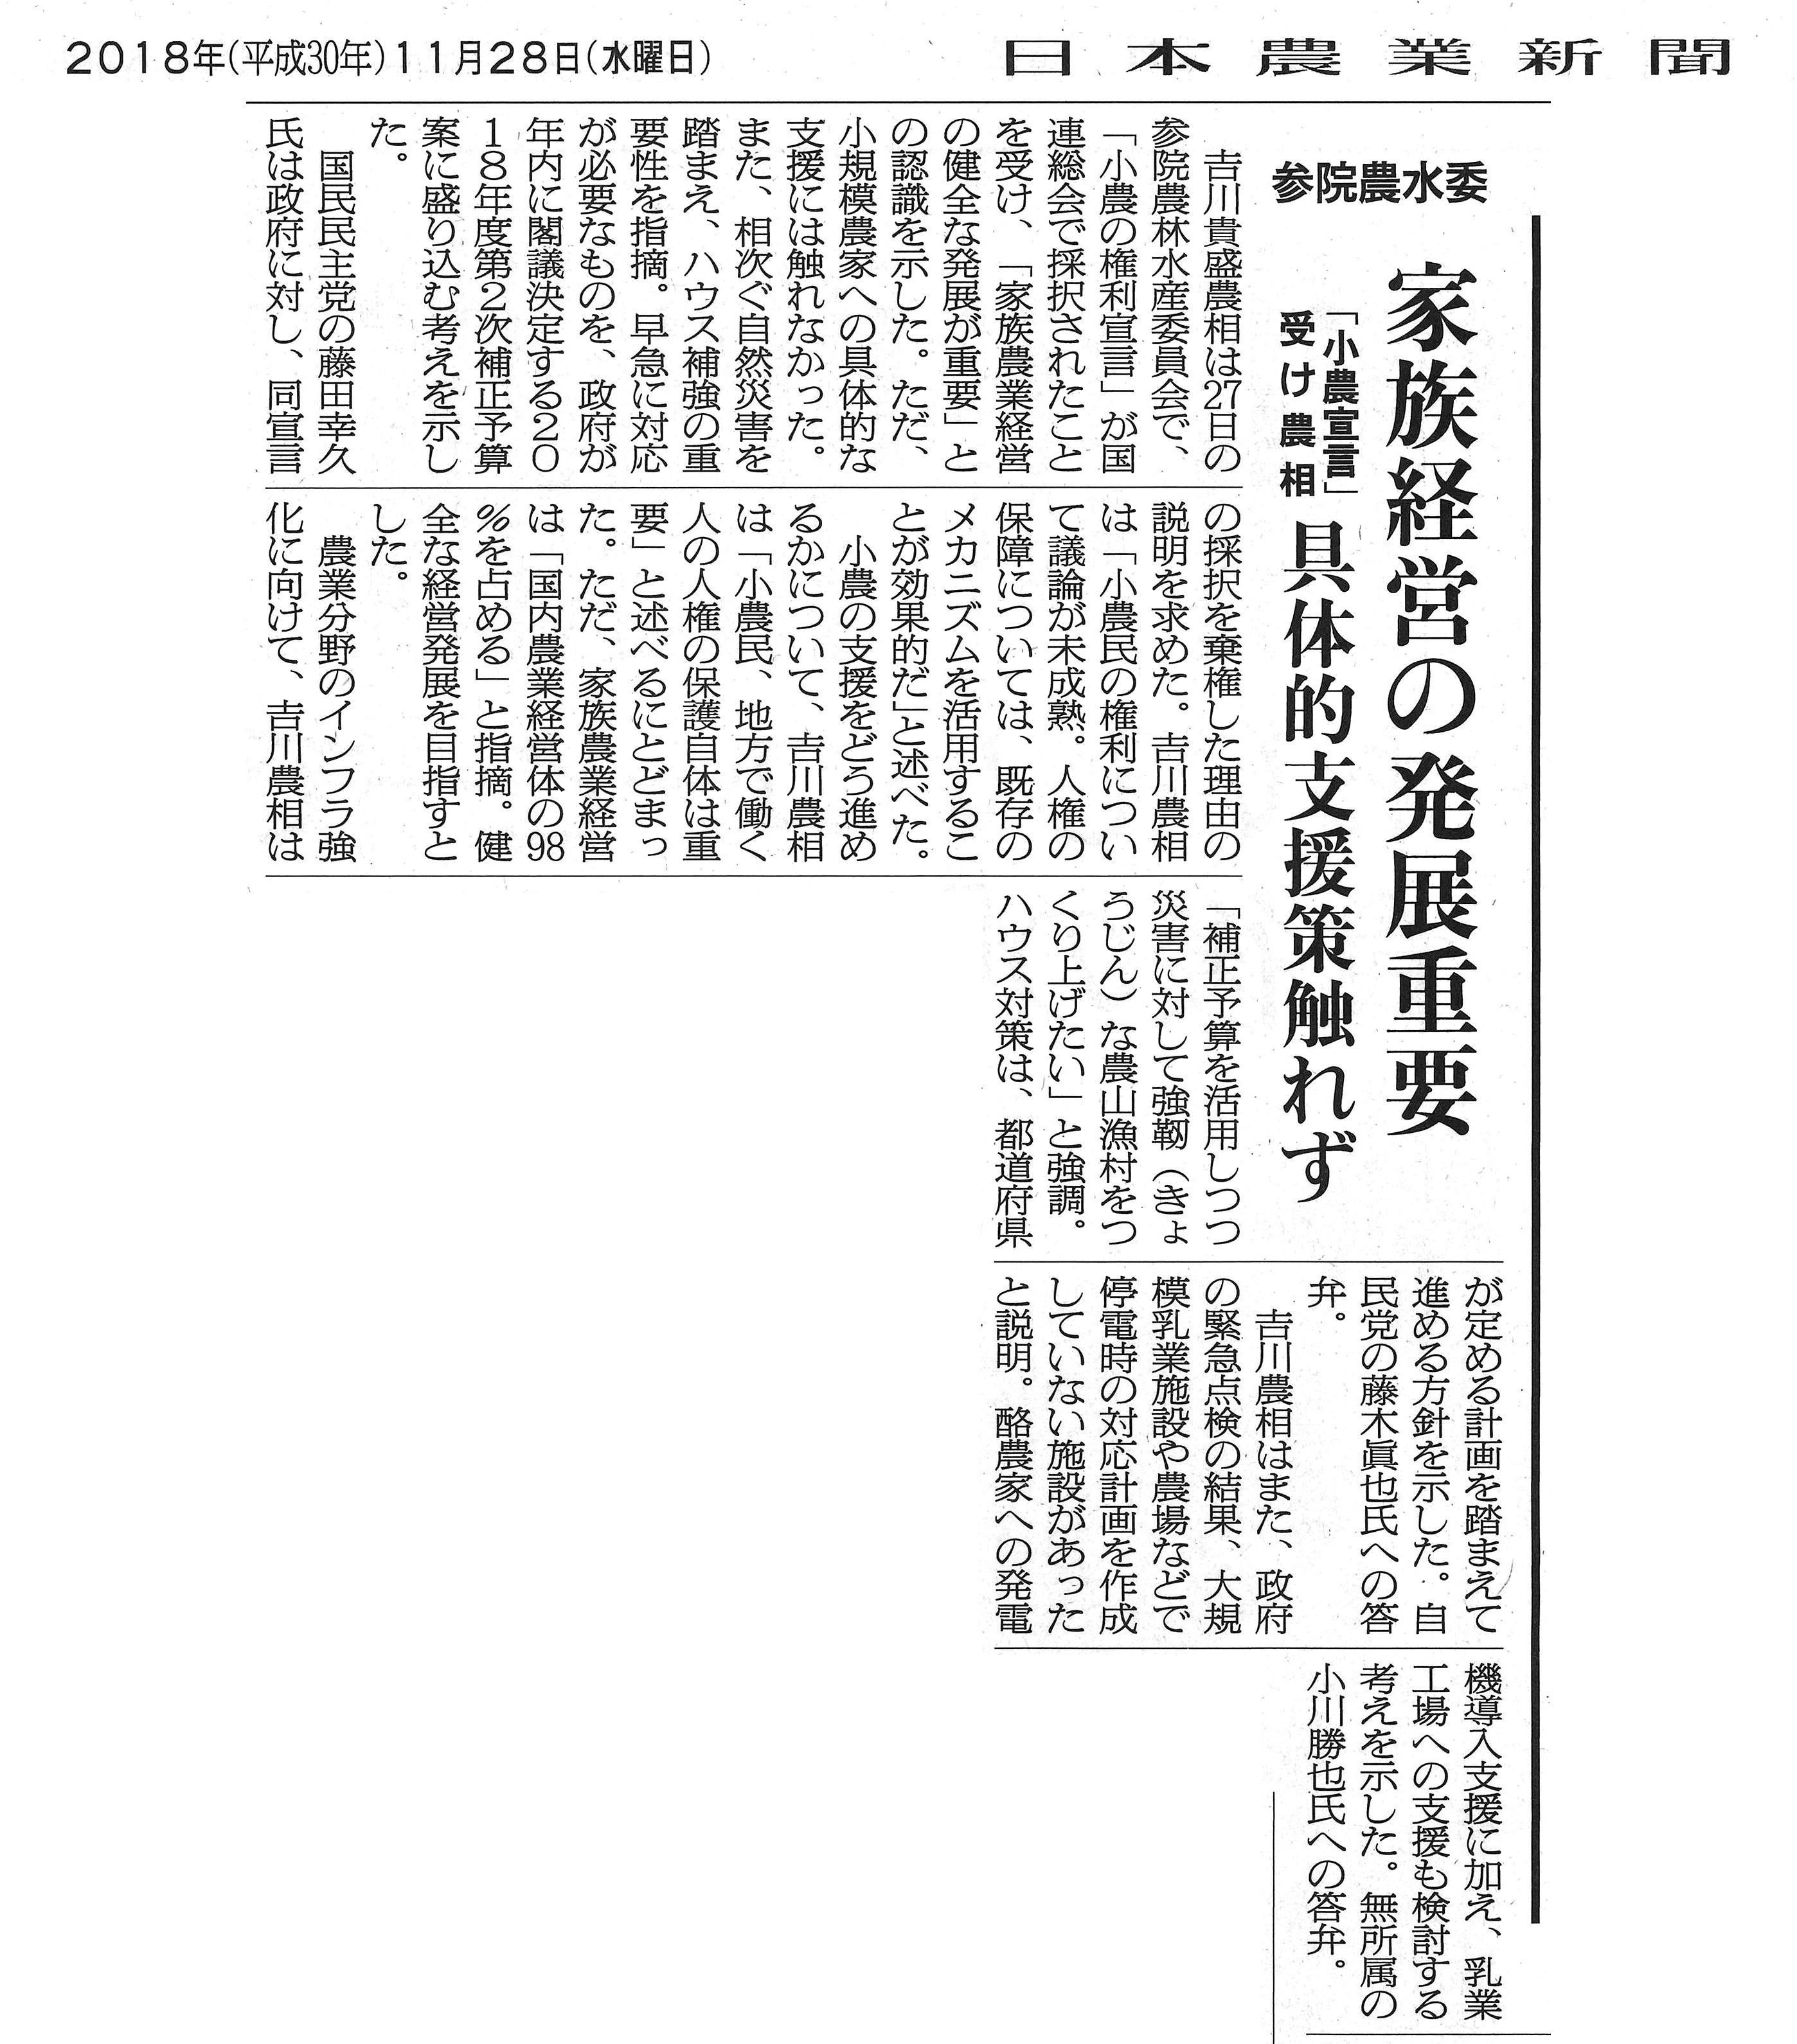 【日本農業新聞】参院農水委 家族経営の発展重要 「小農宣言」受け農相 具体的支援触れず